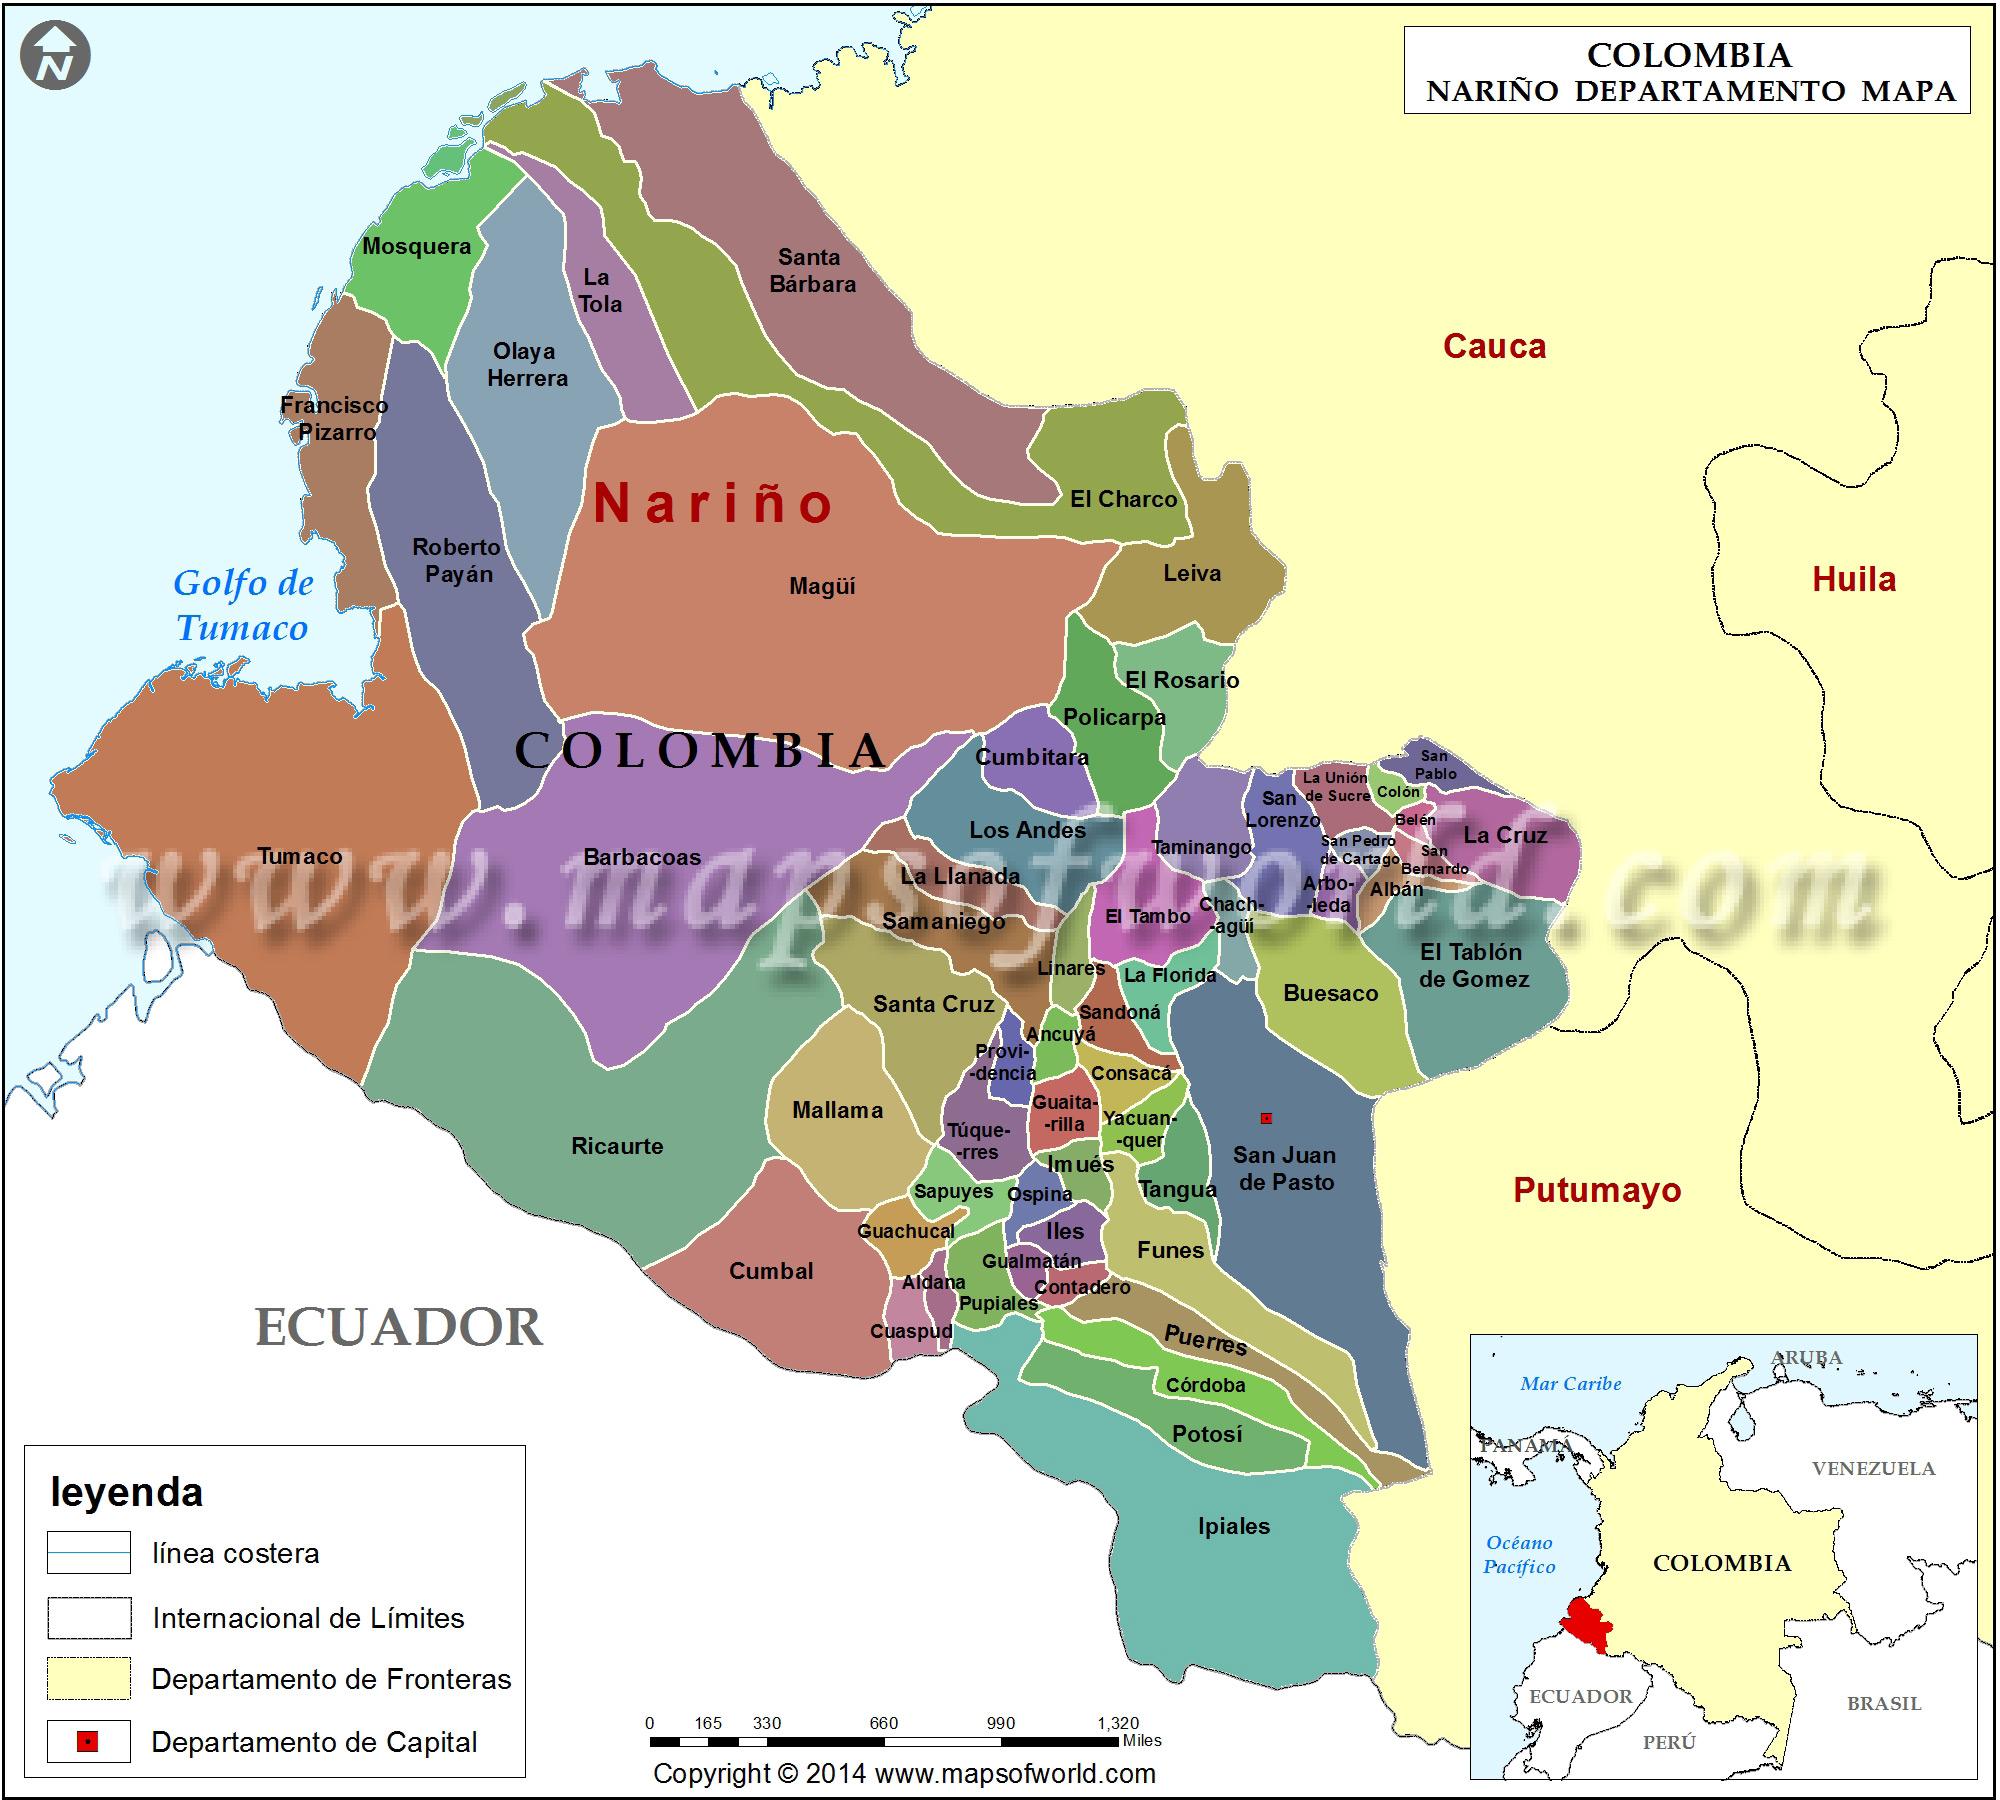 Mapa de Boyaca Colombia Mapa de Nariño Colombia